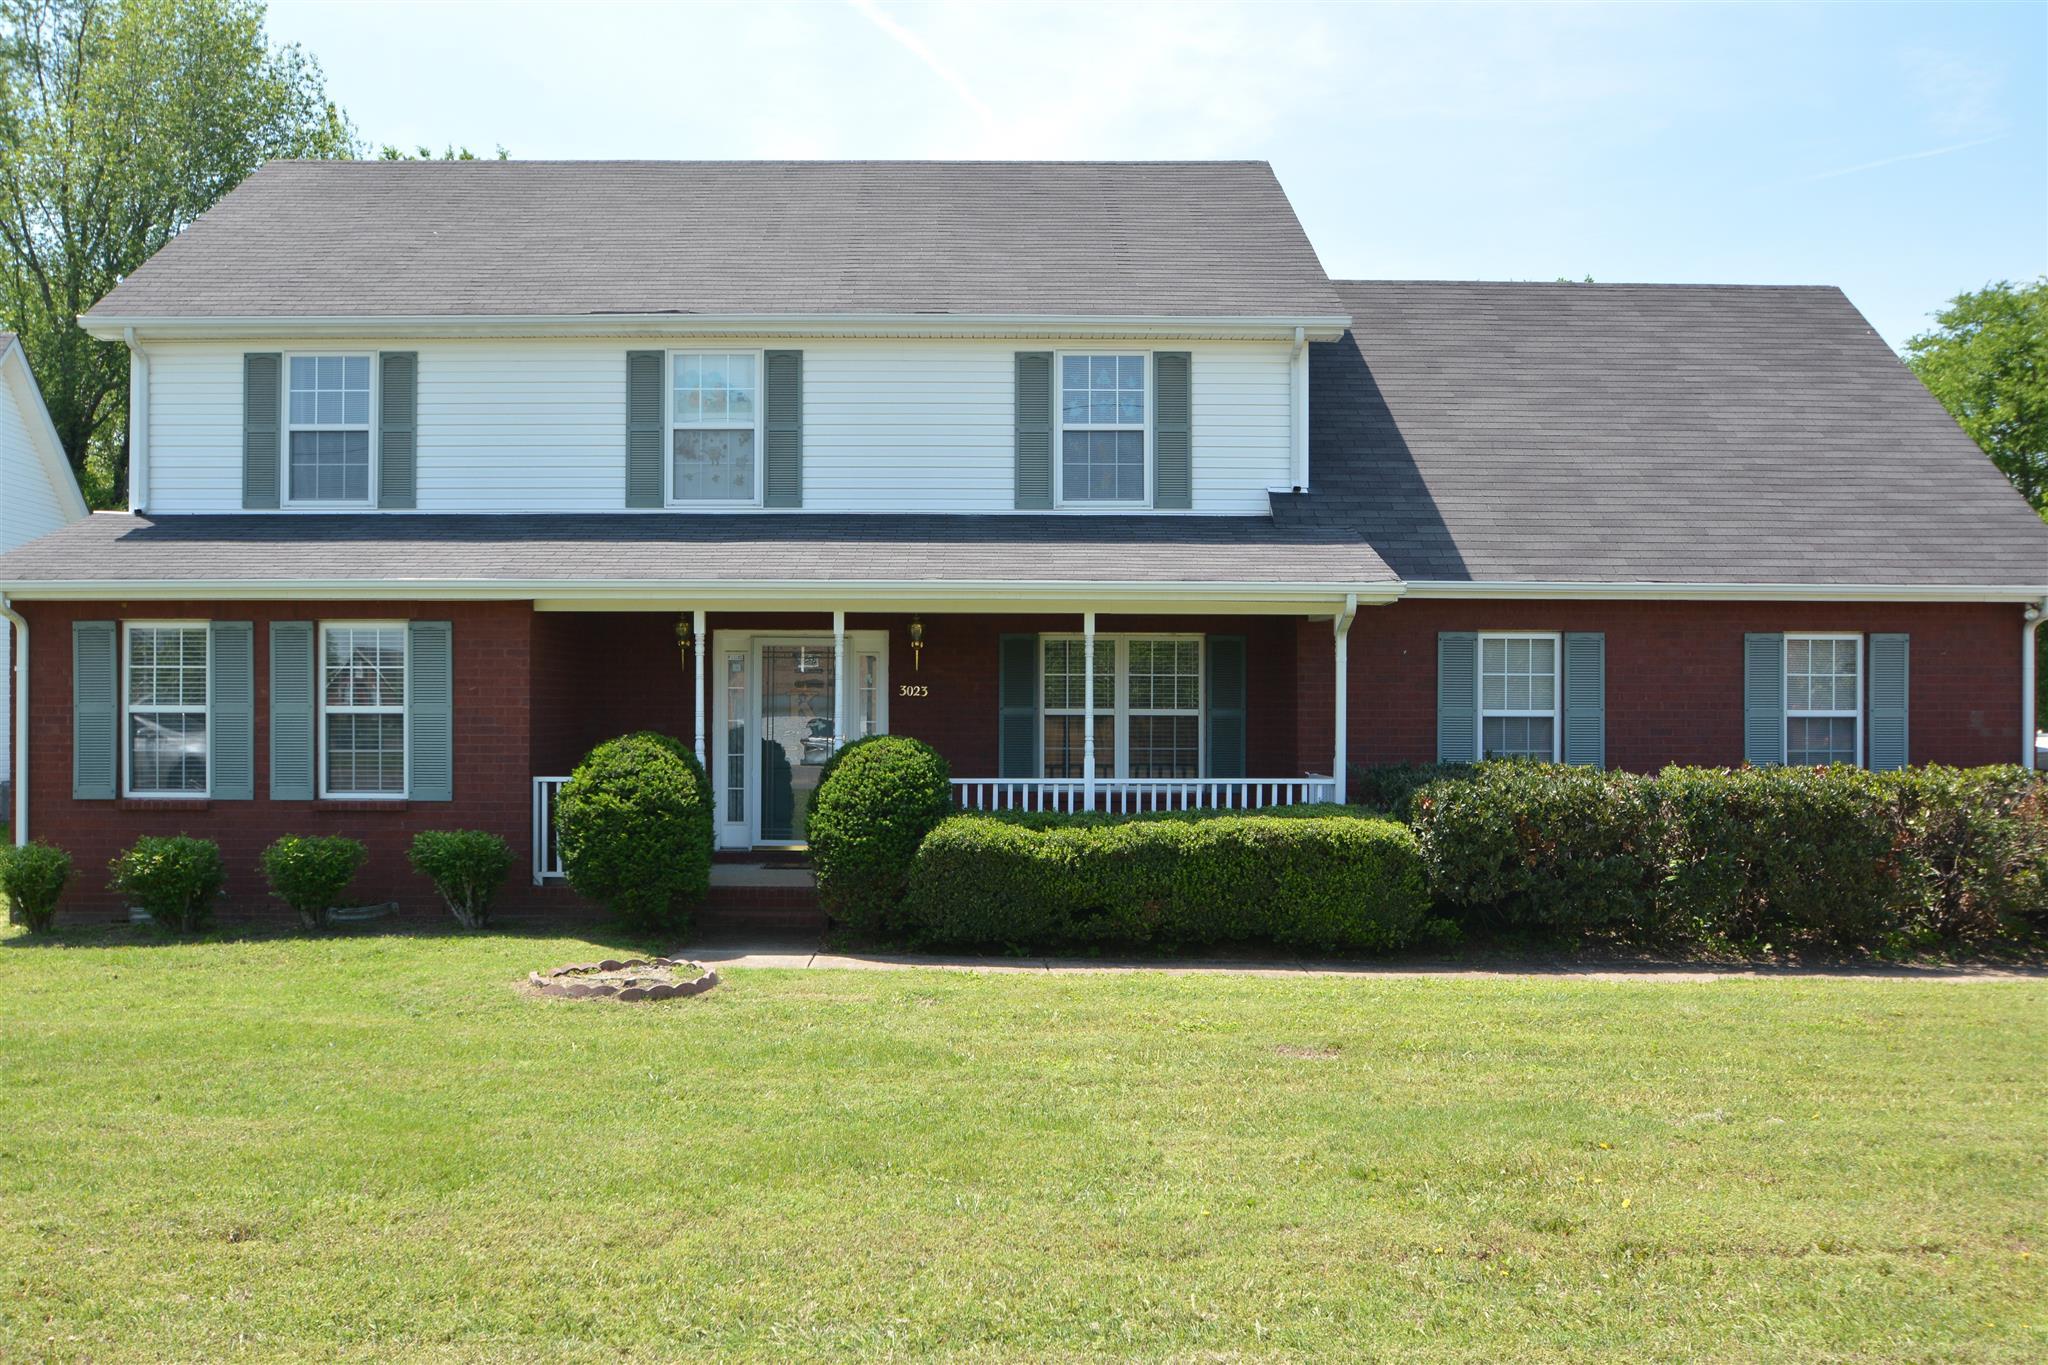 Photo of 3023 Overhill Ct  Murfreesboro  TN